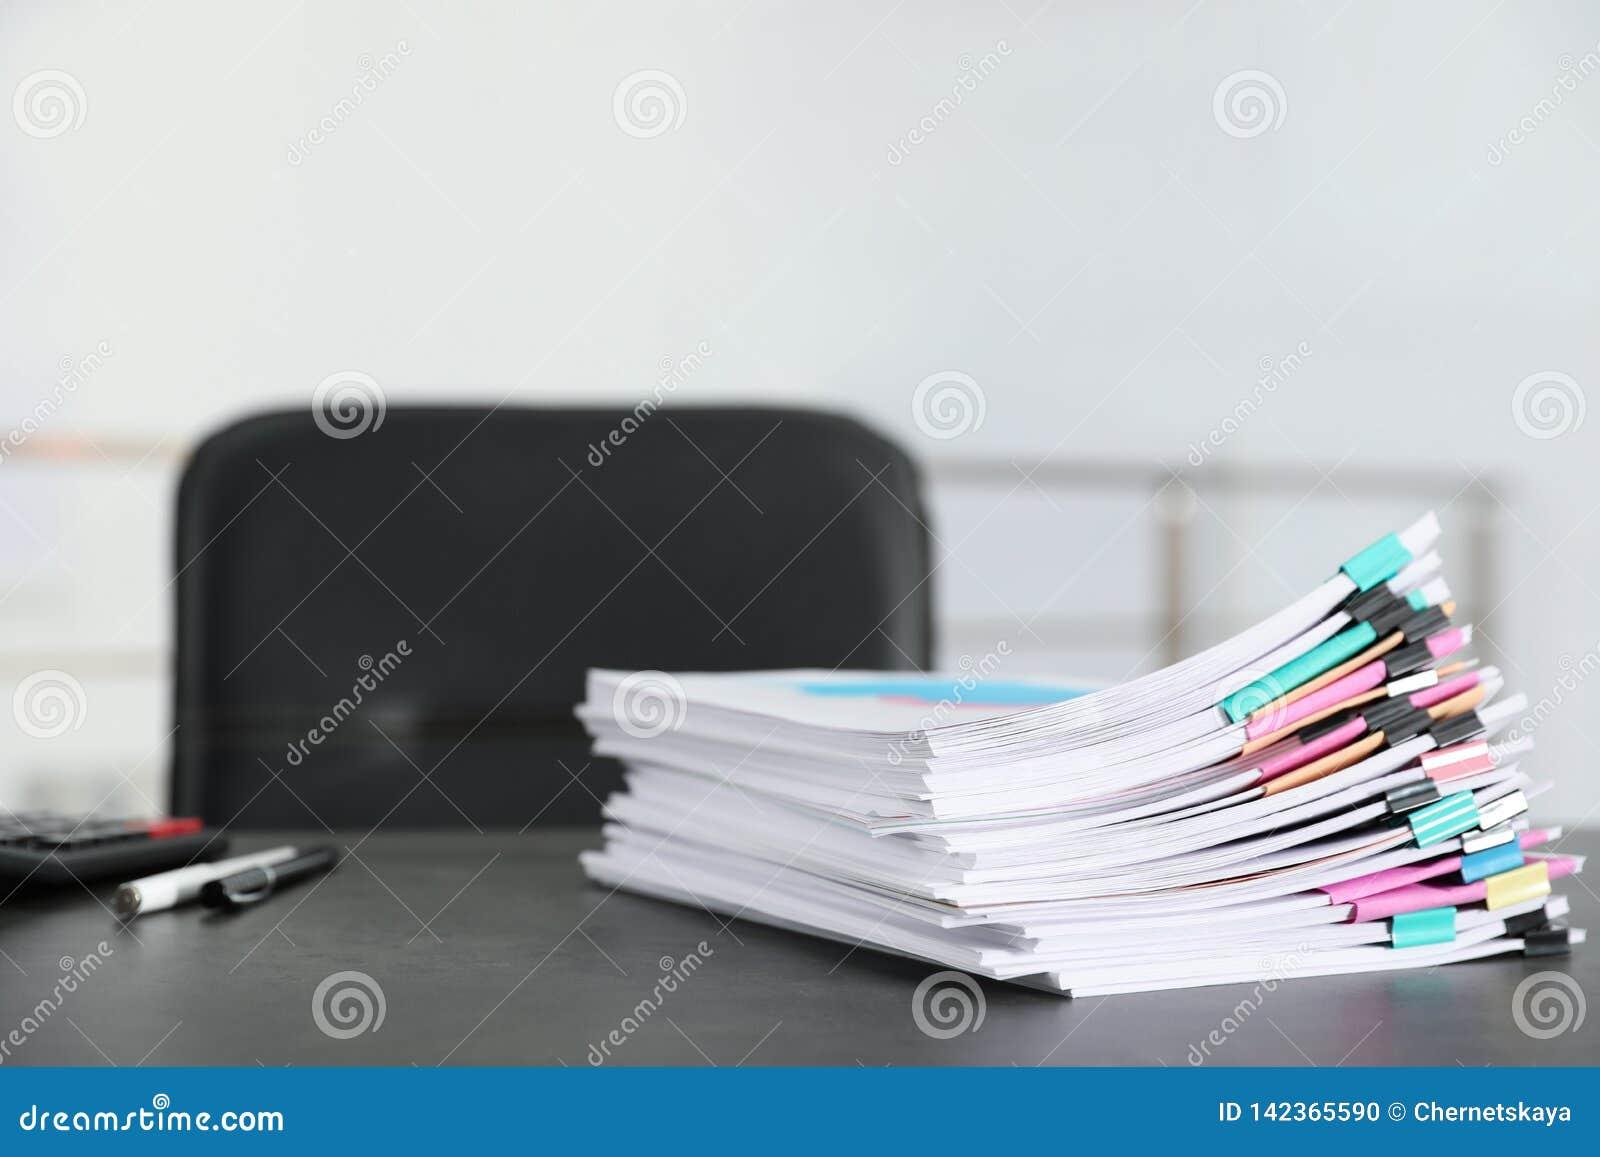 Stapel Dokumente mit Büroklammern auf Bürotisch